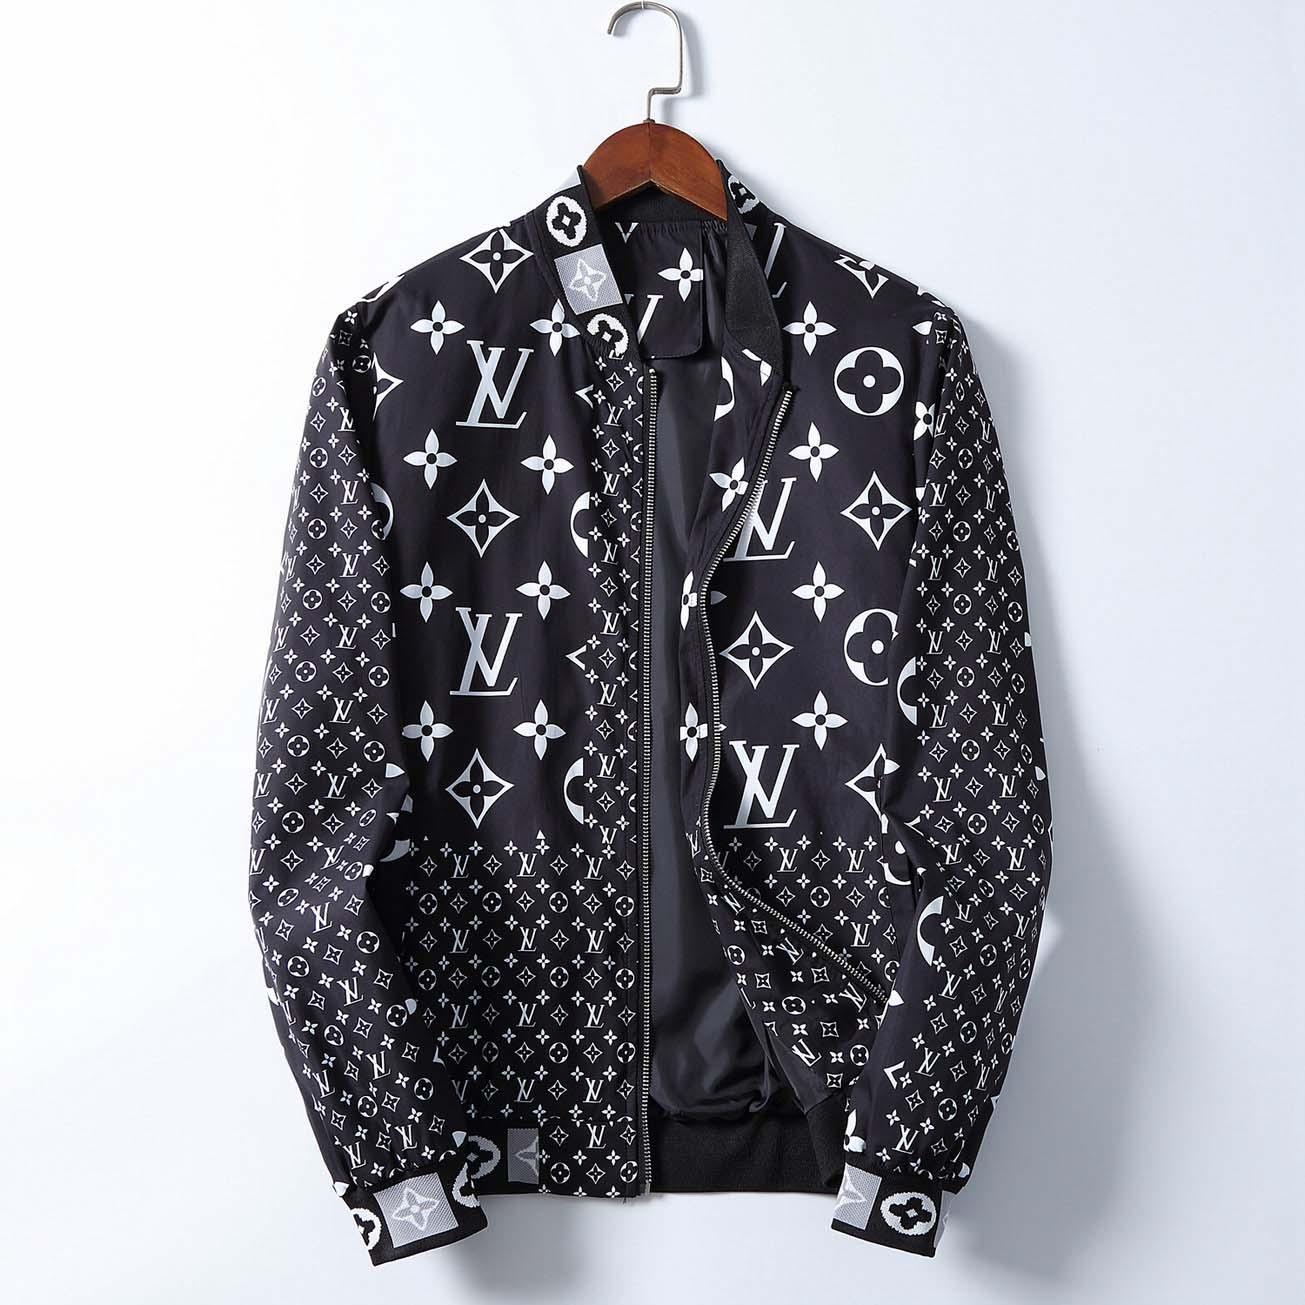 yeni moda Paris Avrupa'nın spor Tasarım ceketler erkekler tam fermuar kazak klasik çift erkekler Tasarımcı ceket